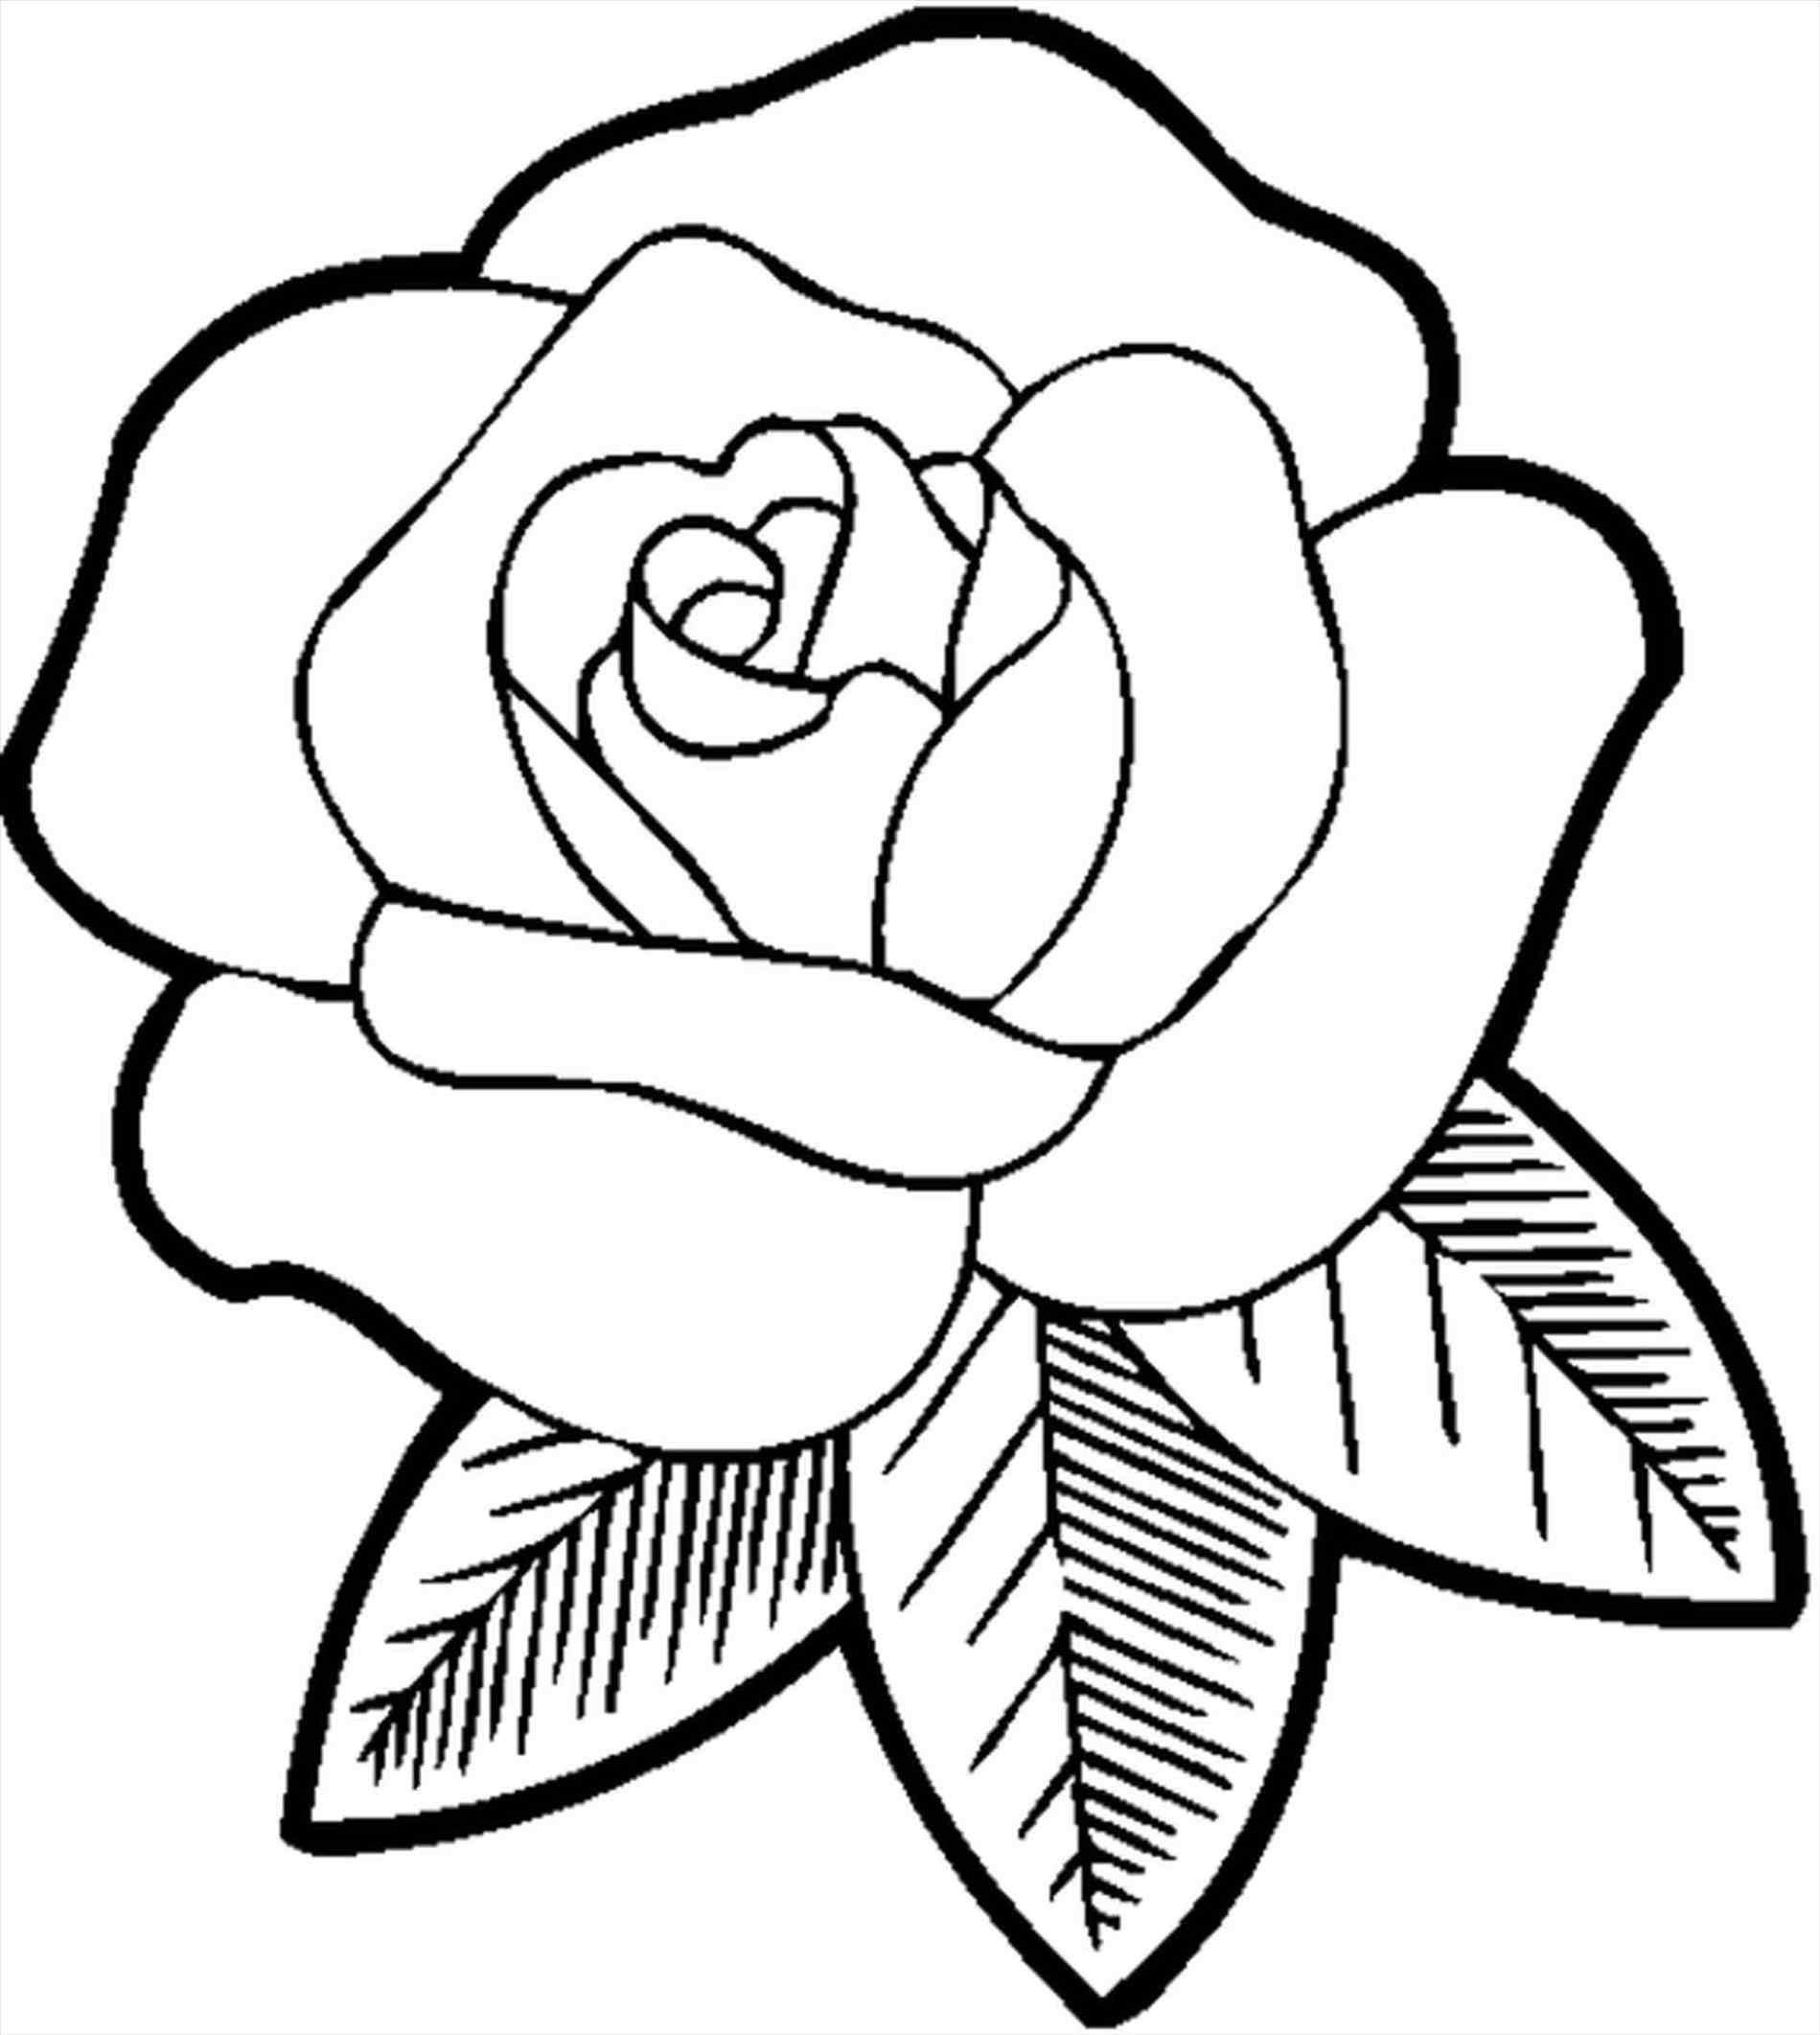 1899x2123 Simple Rose Drawings Flower Petal Line Art Sketches